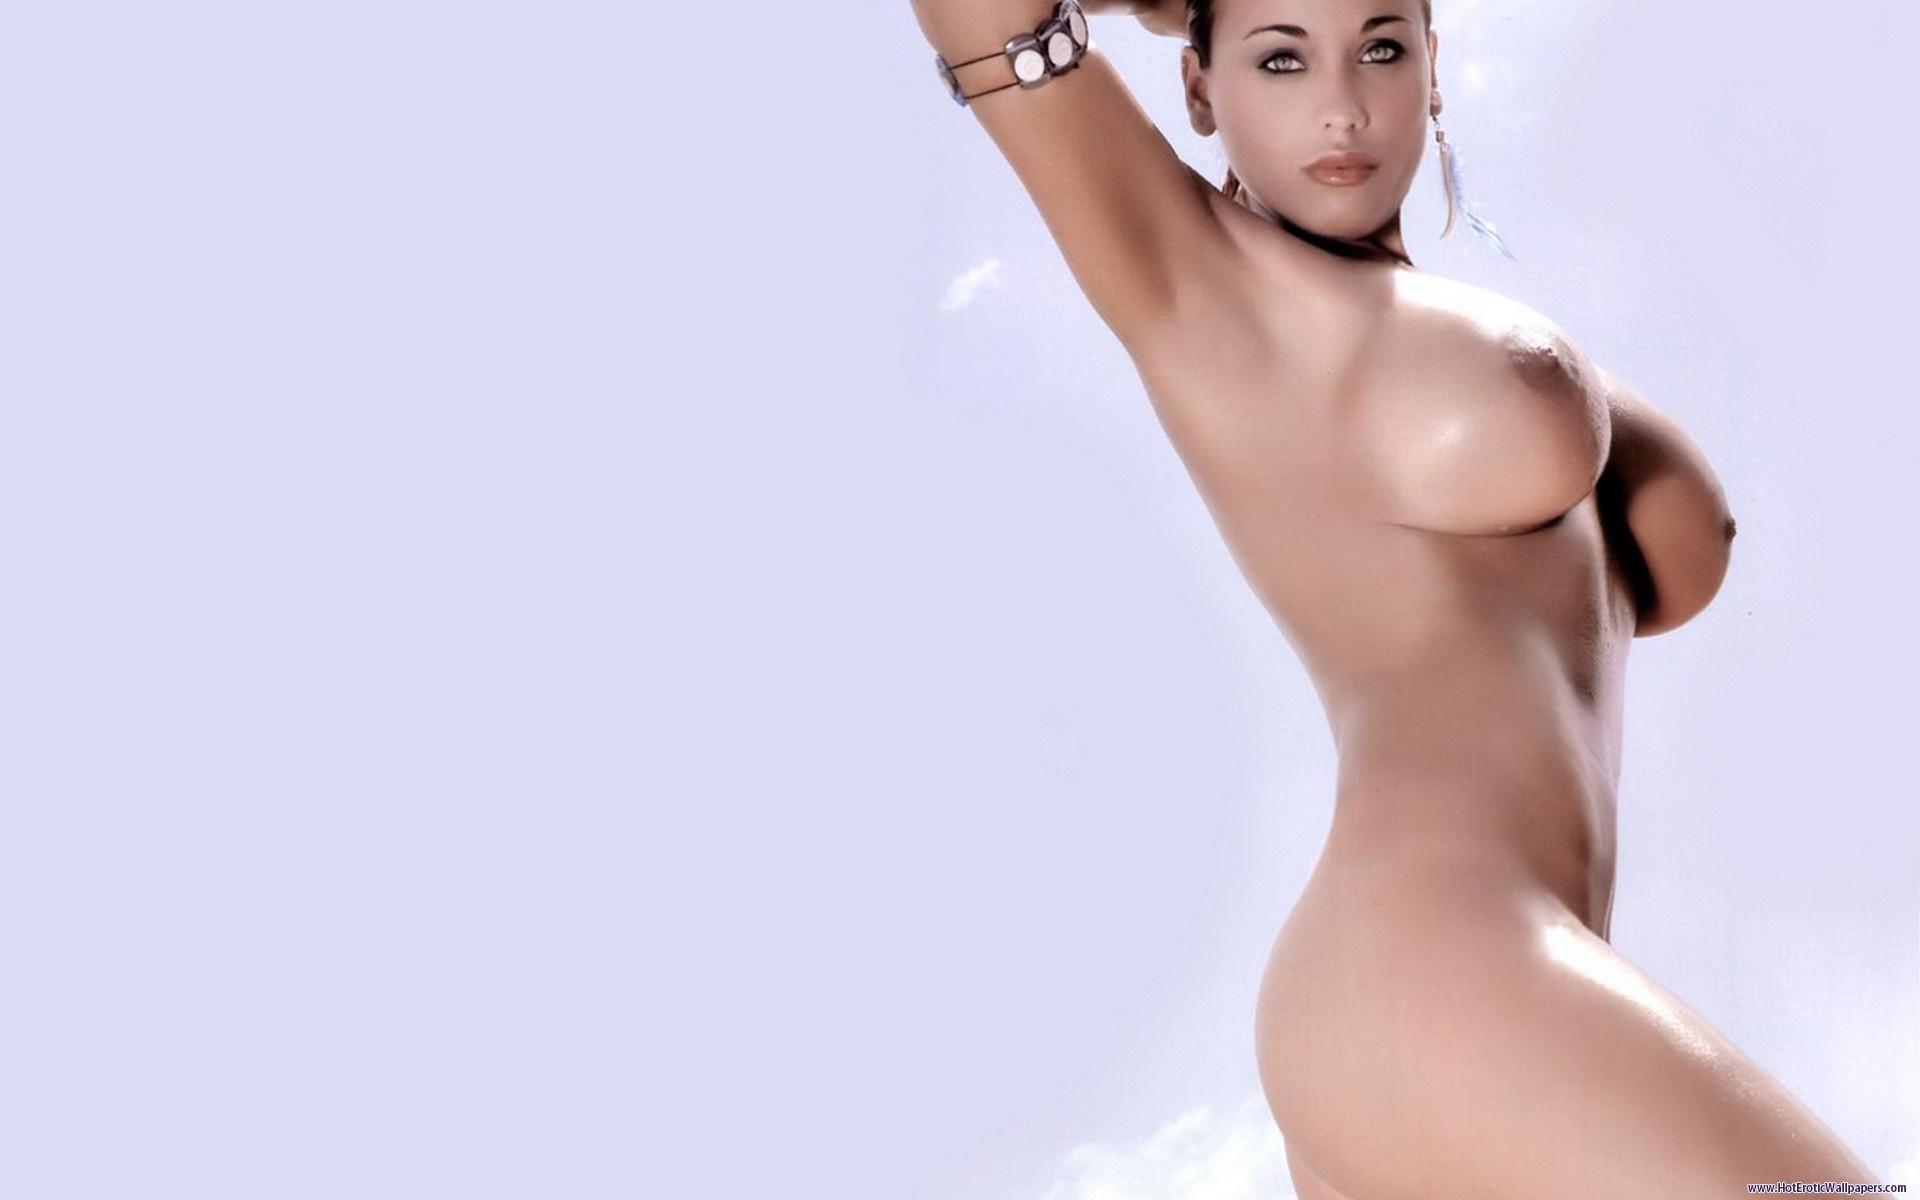 Сборник картинок с голыми девушками 28 фотография